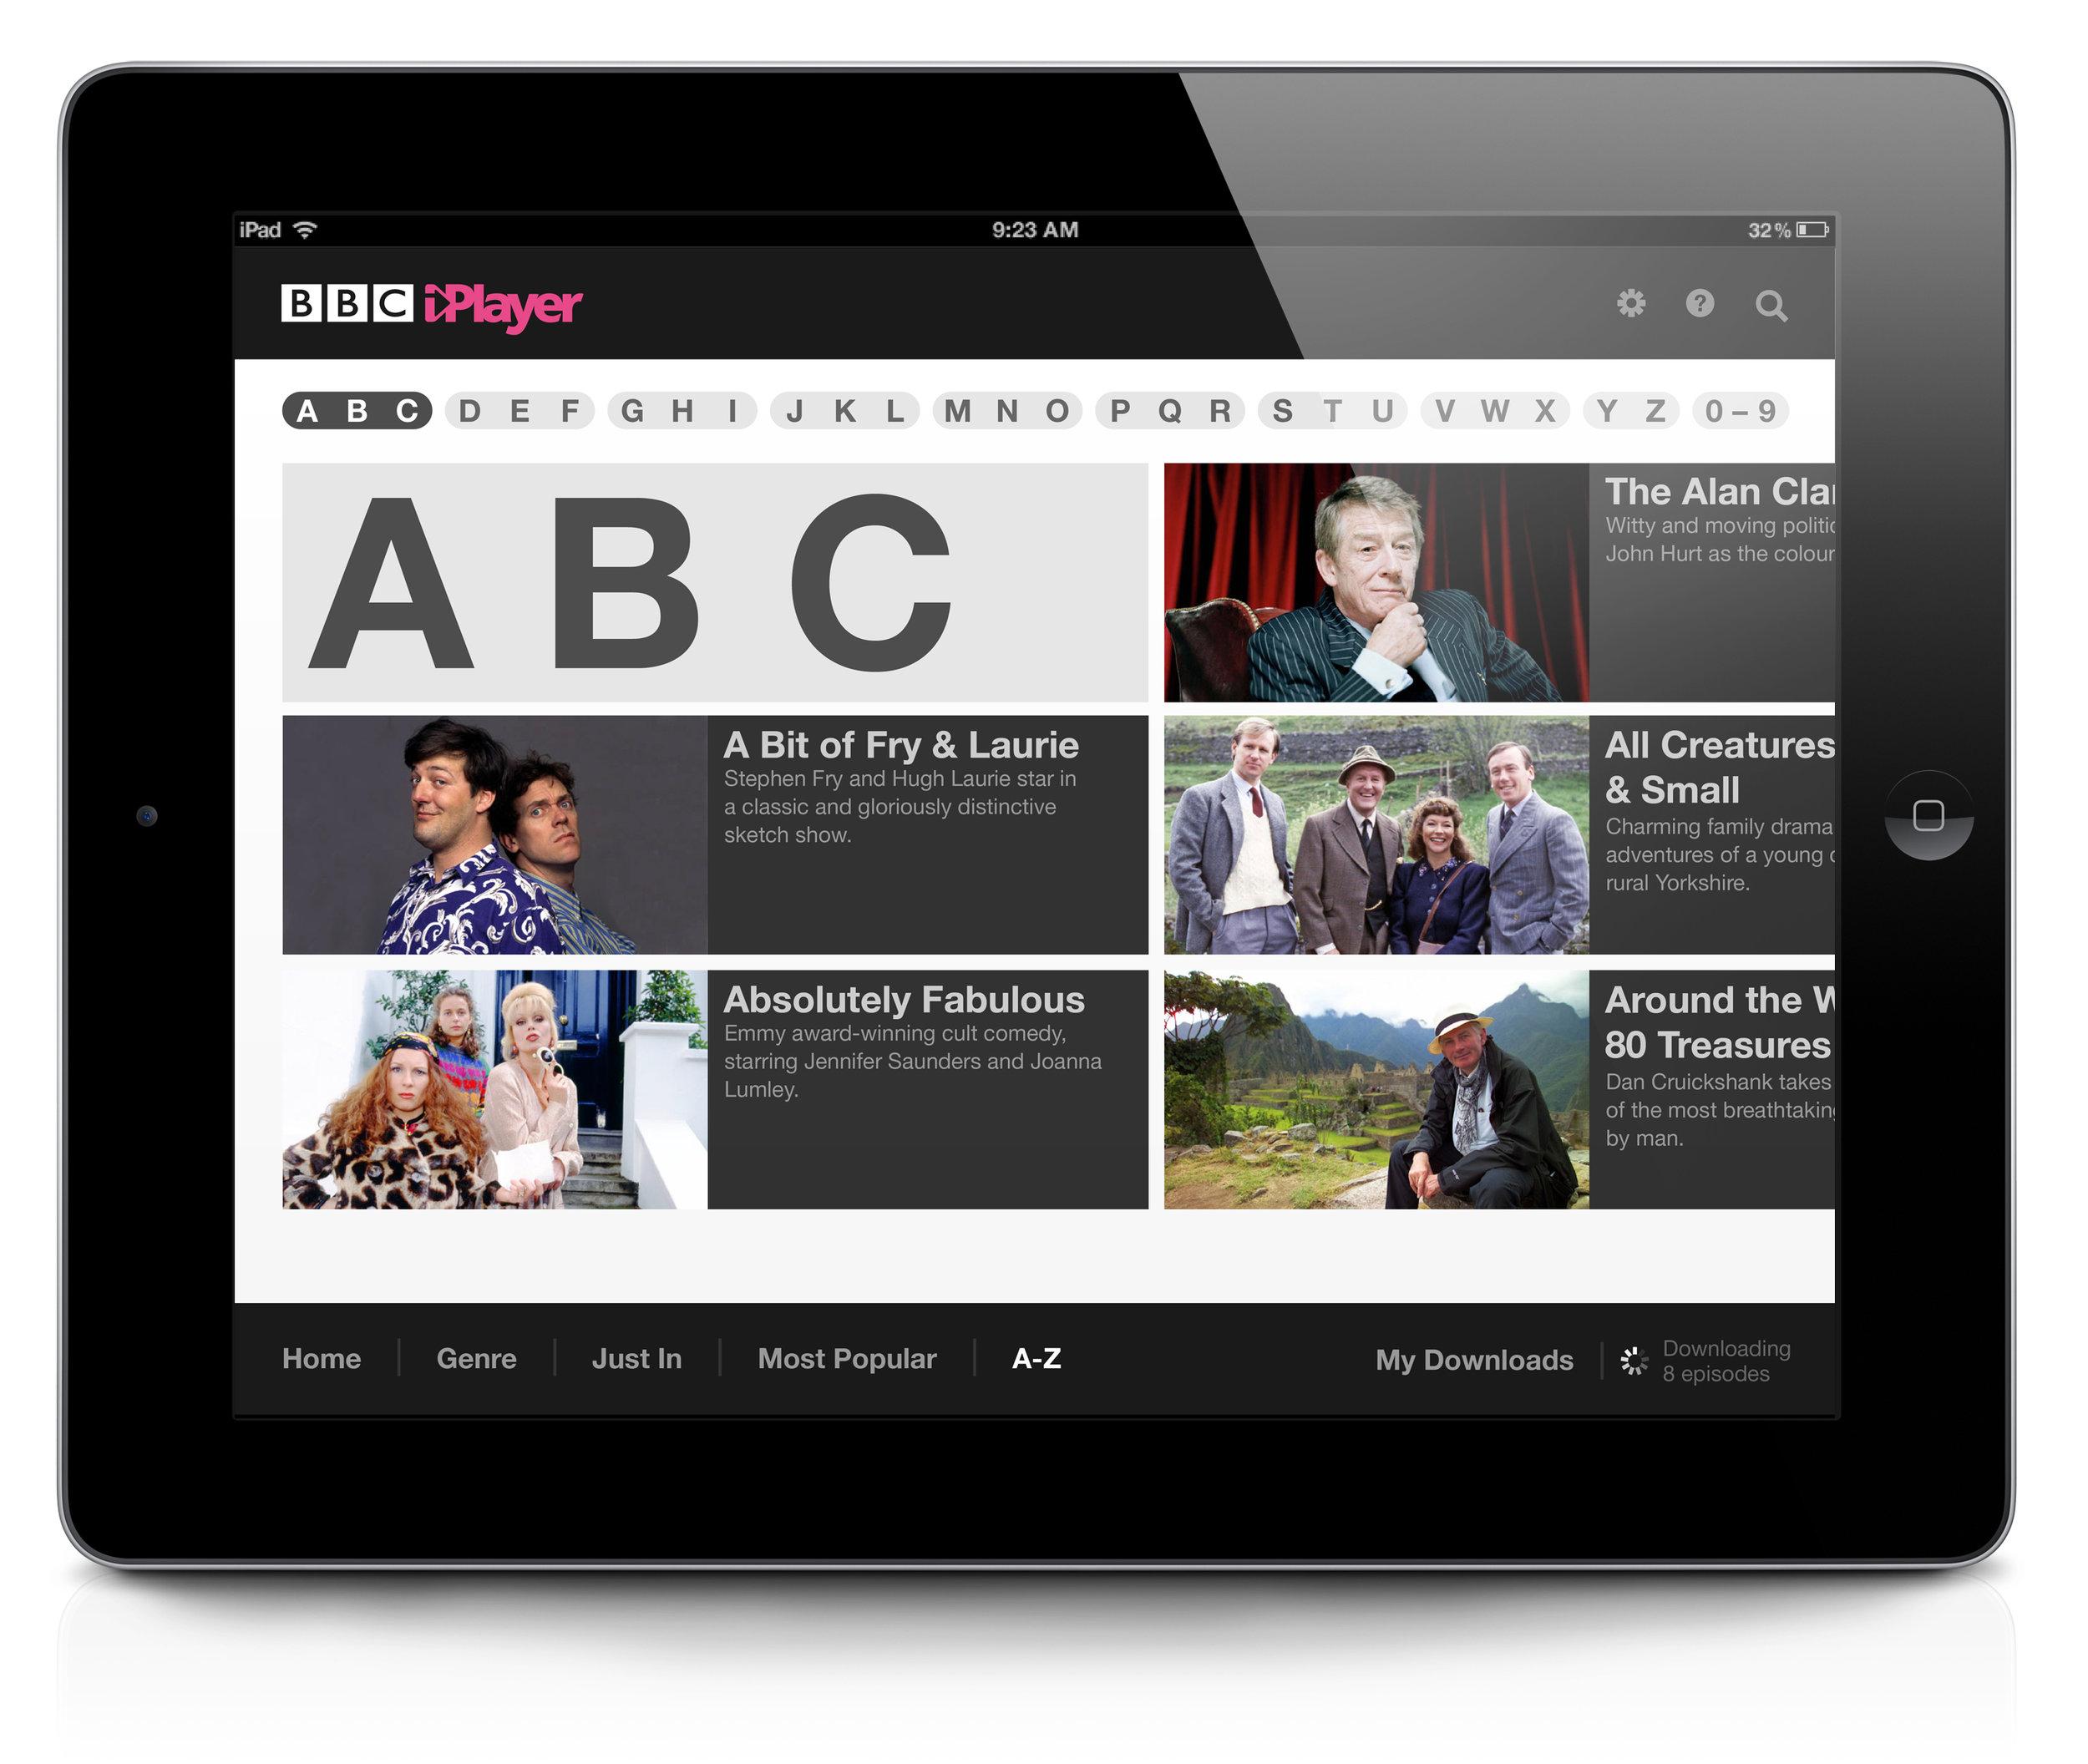 iPlayer_iPad2_A-Z.jpg